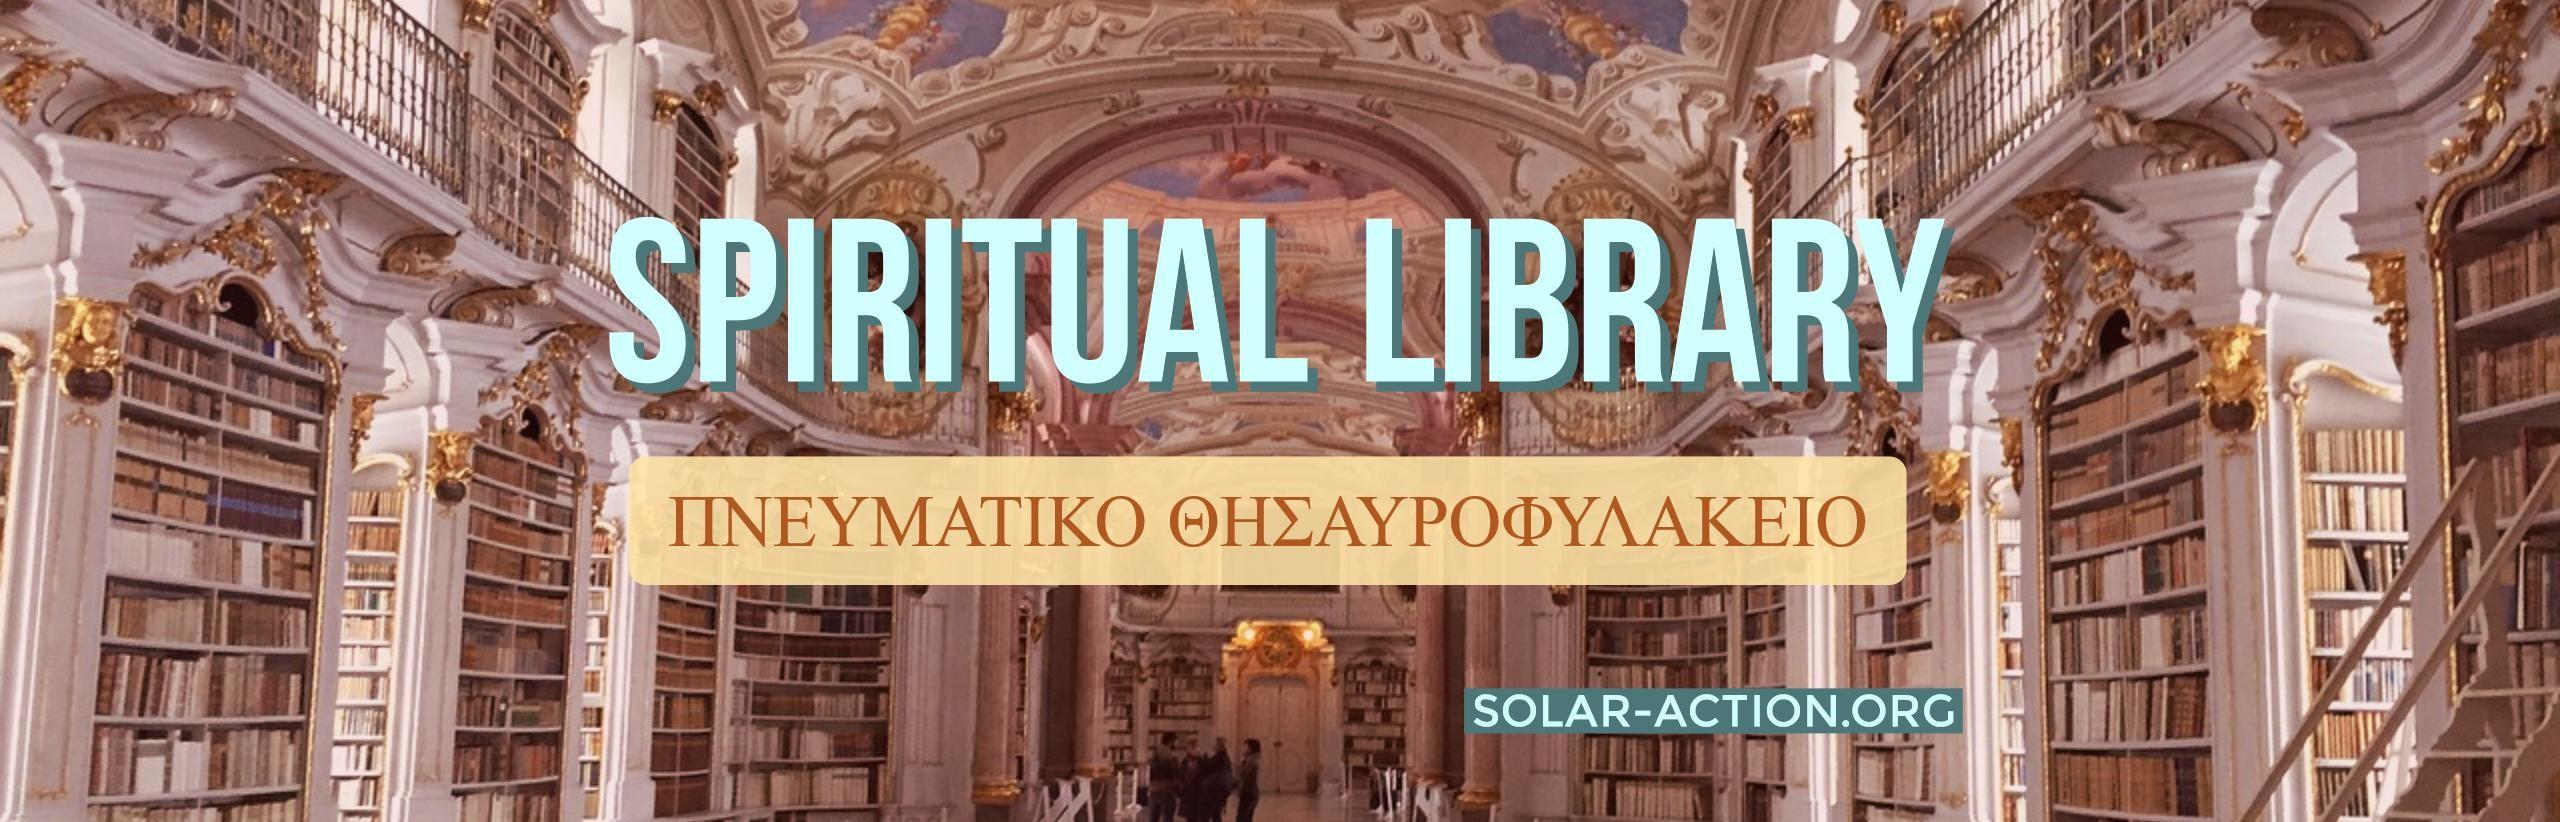 SPIRITUAL-LIBRARY-SOLAR-ACTION-2